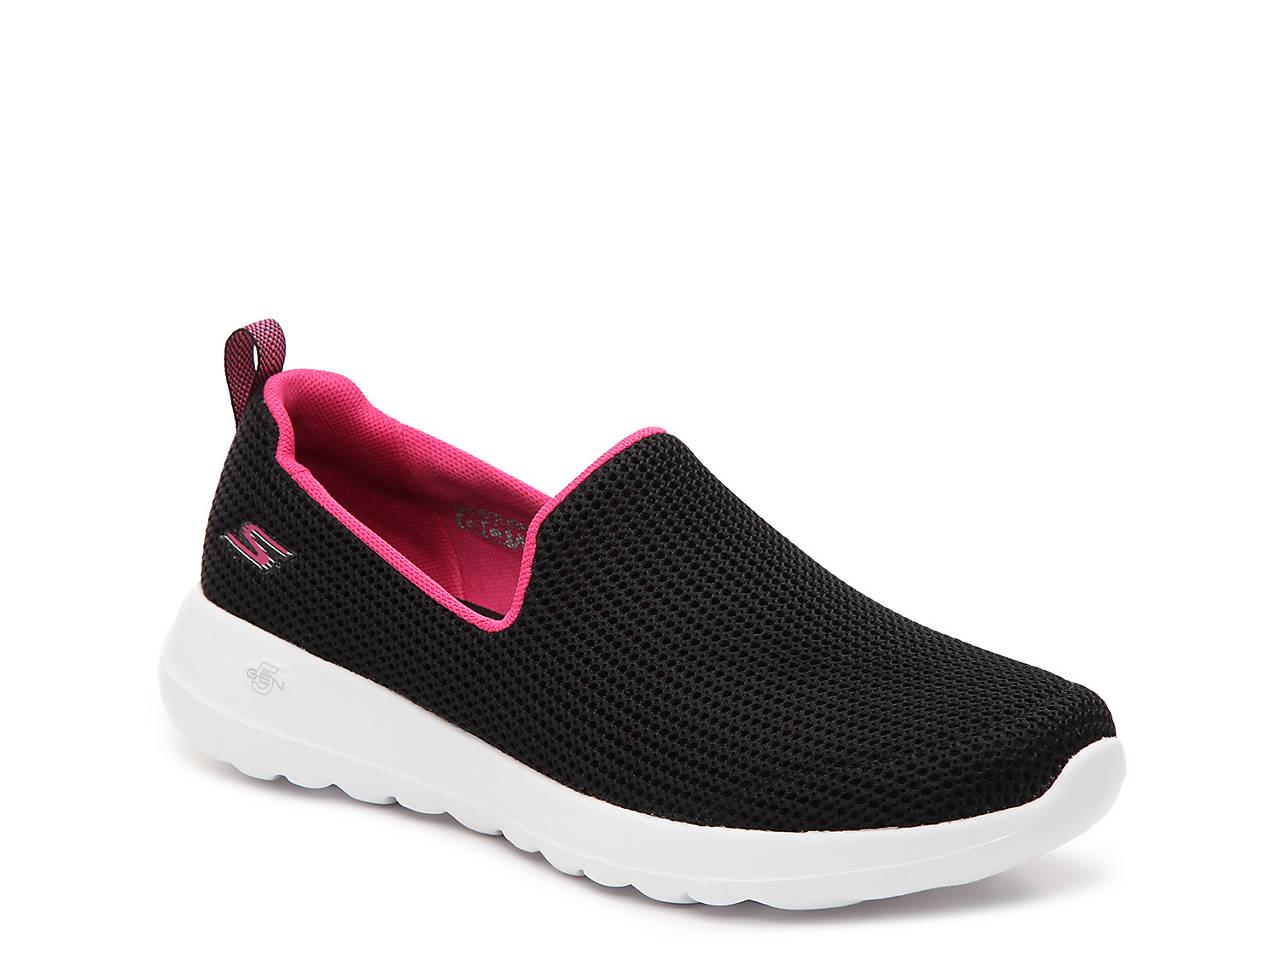 5660440e37 GOwalk Joy Slip-On Sneaker - Women's